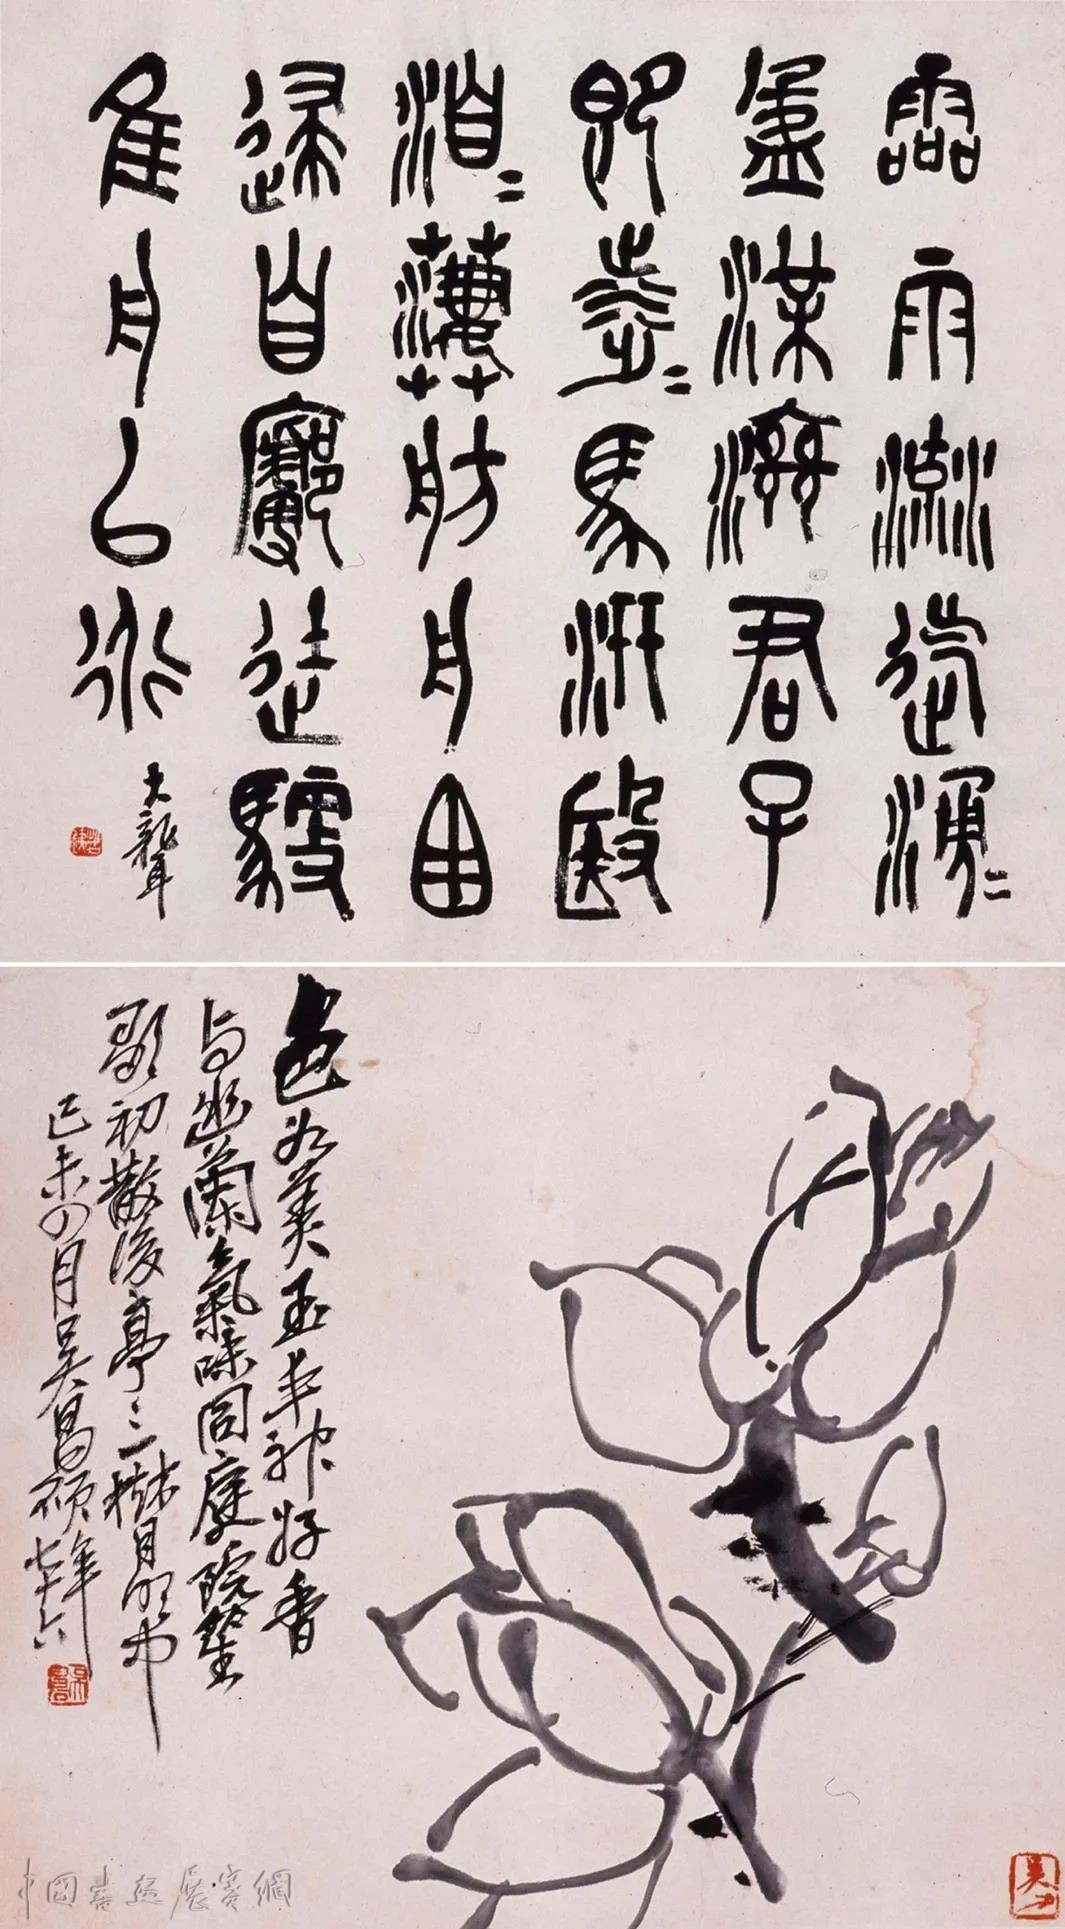 """艺术里的孺子牛与拓荒牛,中国美术馆新展""""美在耕耘"""""""